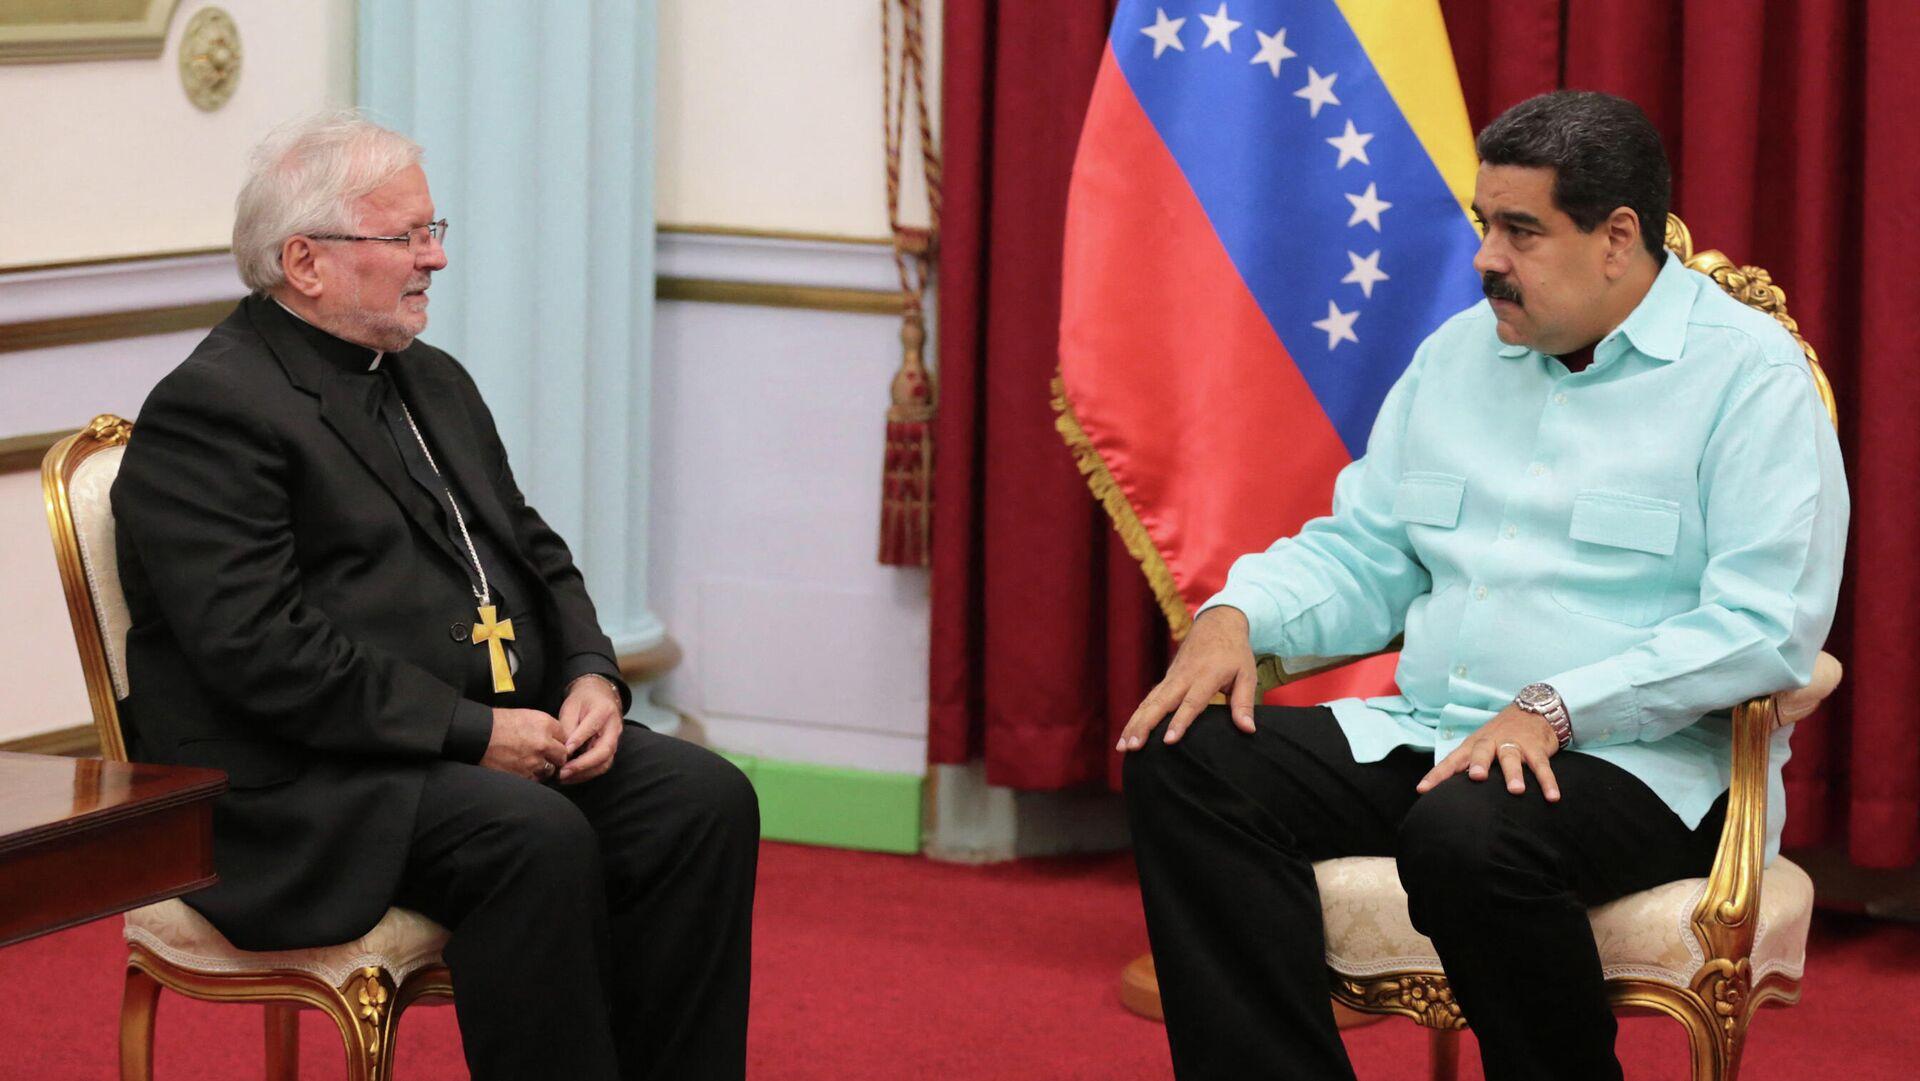 El nuncio apostólico, Aldo Giordano, junto al presidente de Venezuela, Nicolás Maduro - Sputnik Mundo, 1920, 02.06.2021